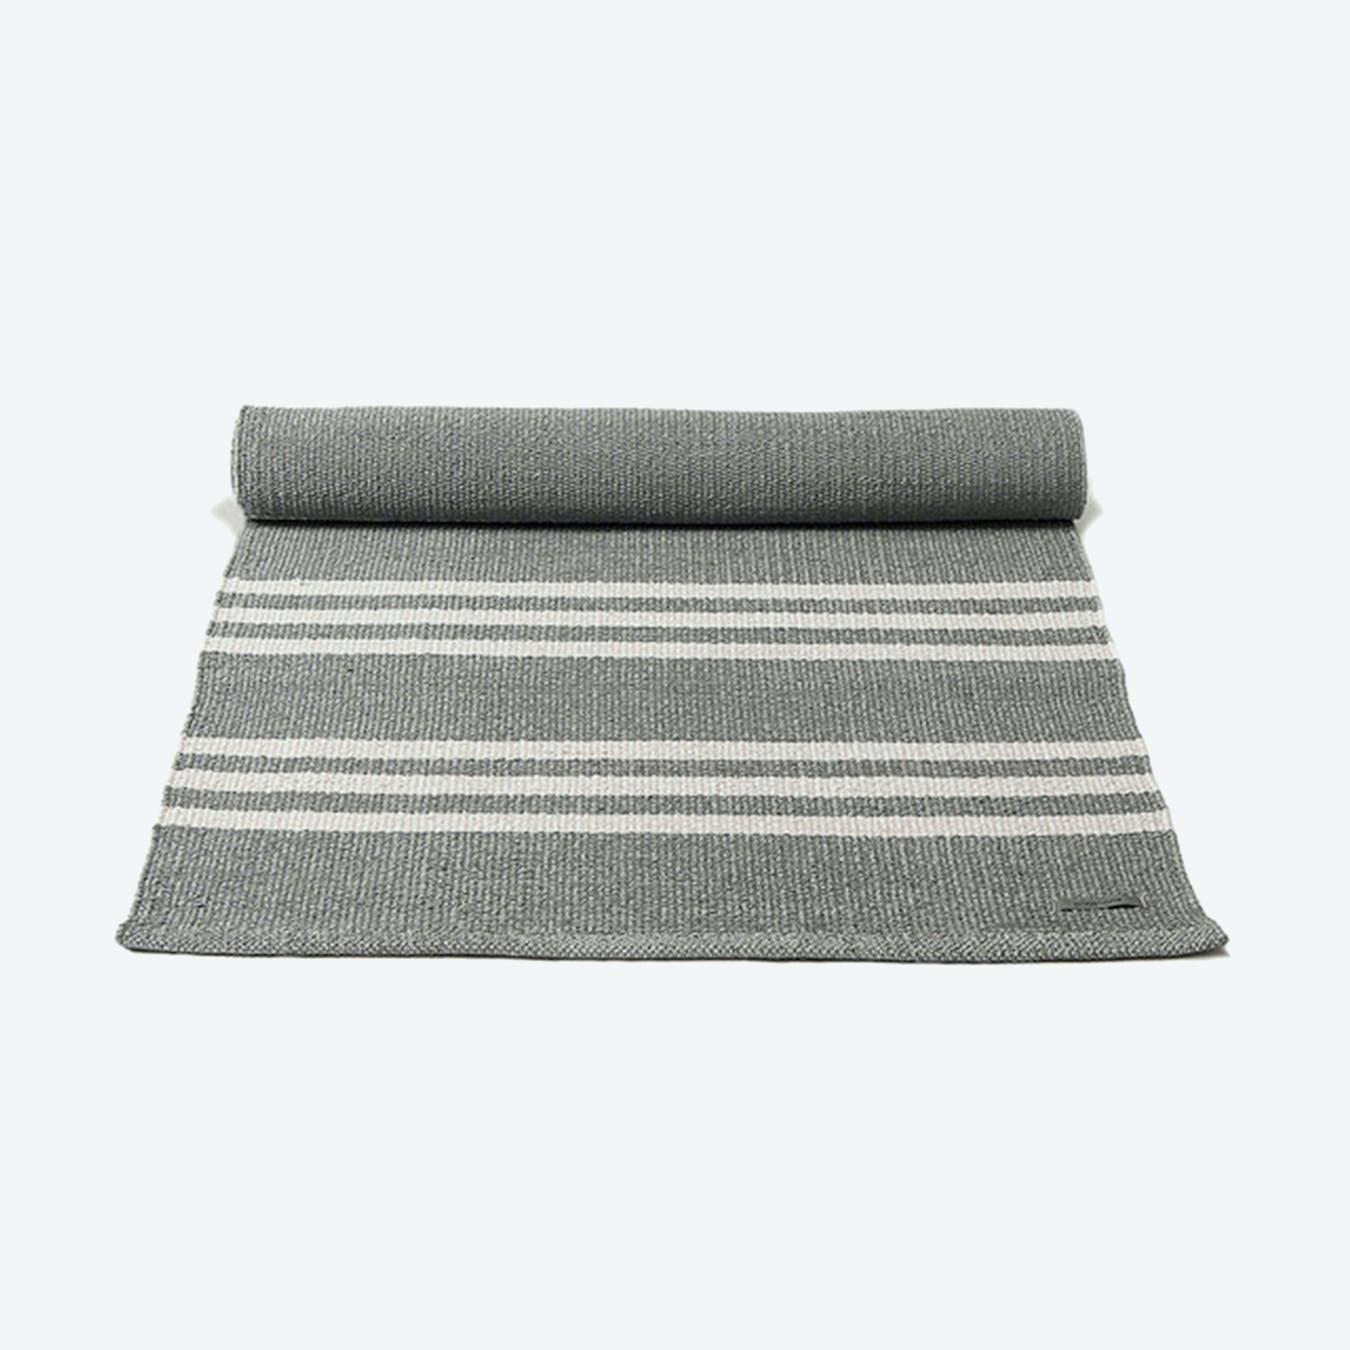 Plastic Rug in Grey, Off White Stripes (200 x 300 cm)